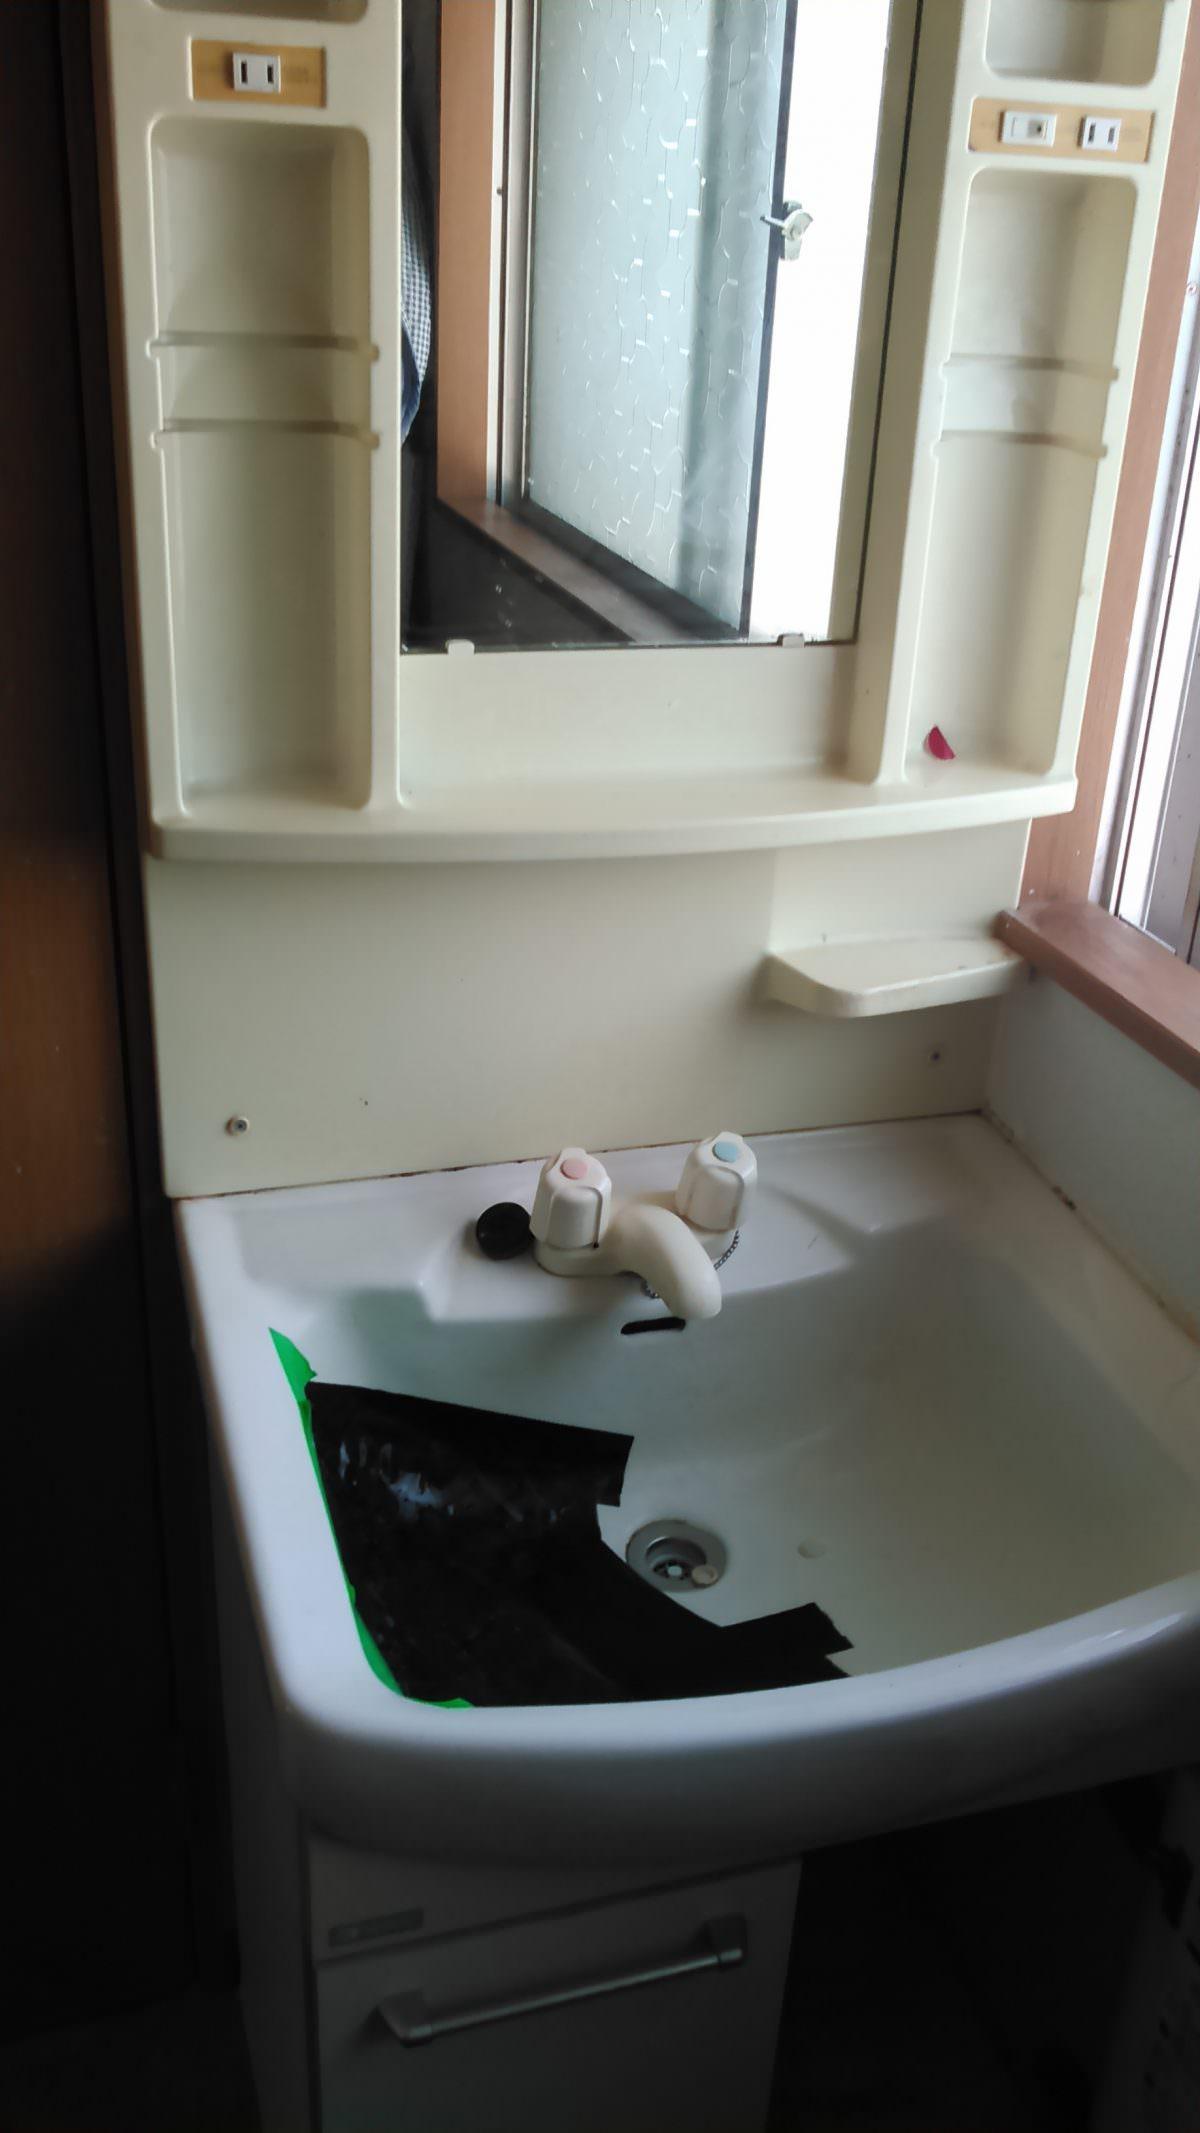 洗面化粧台交換 ~toto keシリーズ 600幅 1面鏡エコミラー~ | トイレや